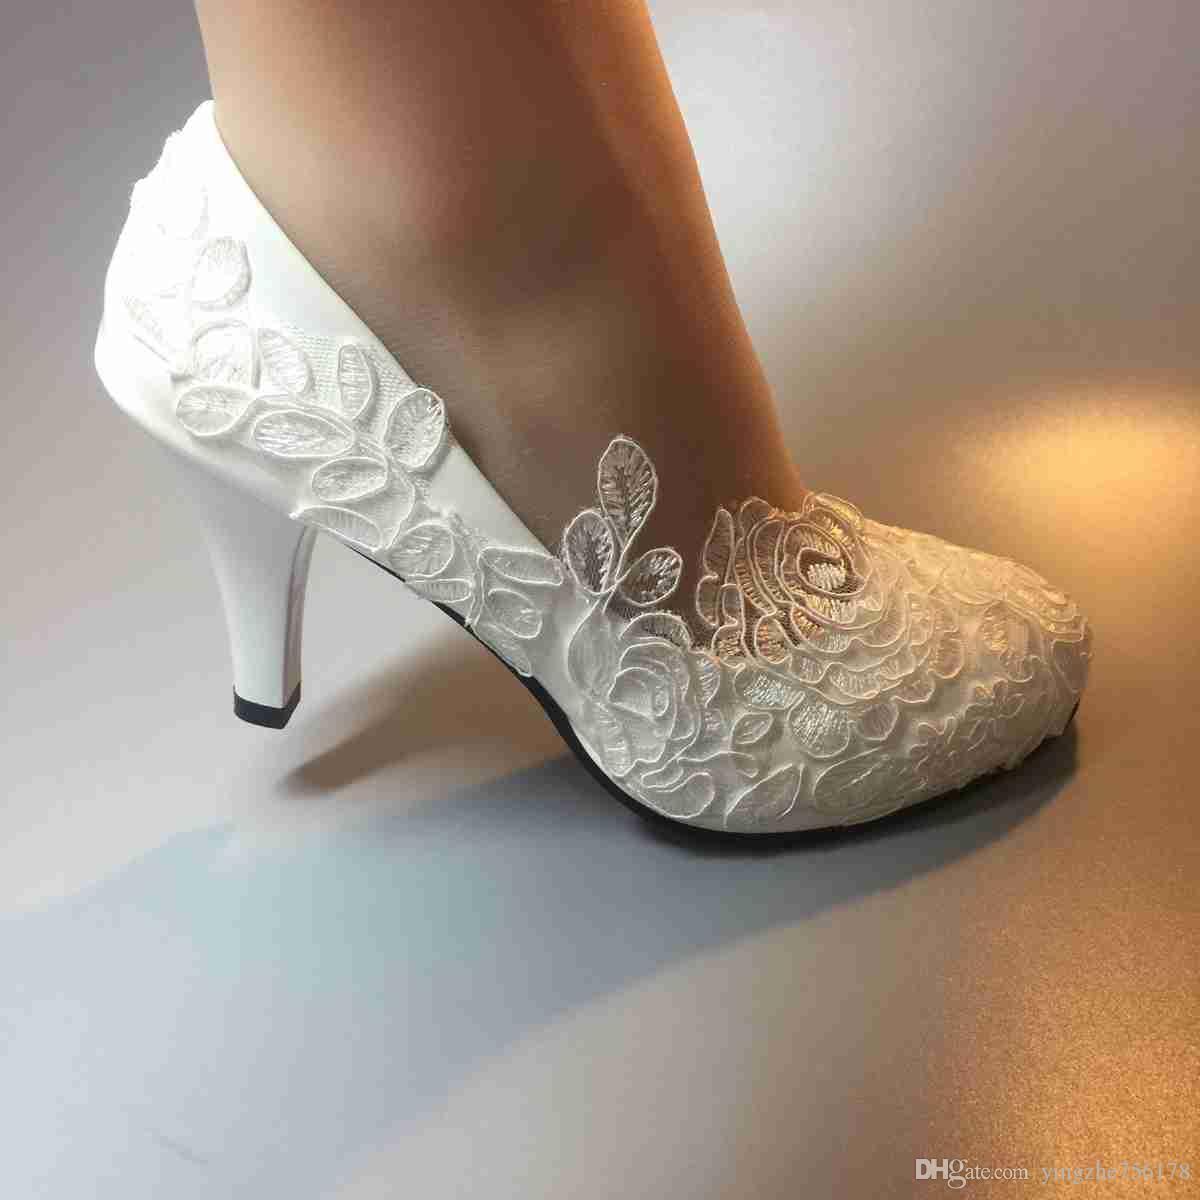 Usaflex Calçados Handmade Mulheres Moda Fita Branca Sapatos De Casamento  Calcanhar Ballet Lace Flor Nupcial Da Dama De Honra Sapatos Tamanho UE 35  42 Besni ... fbf2908ea5